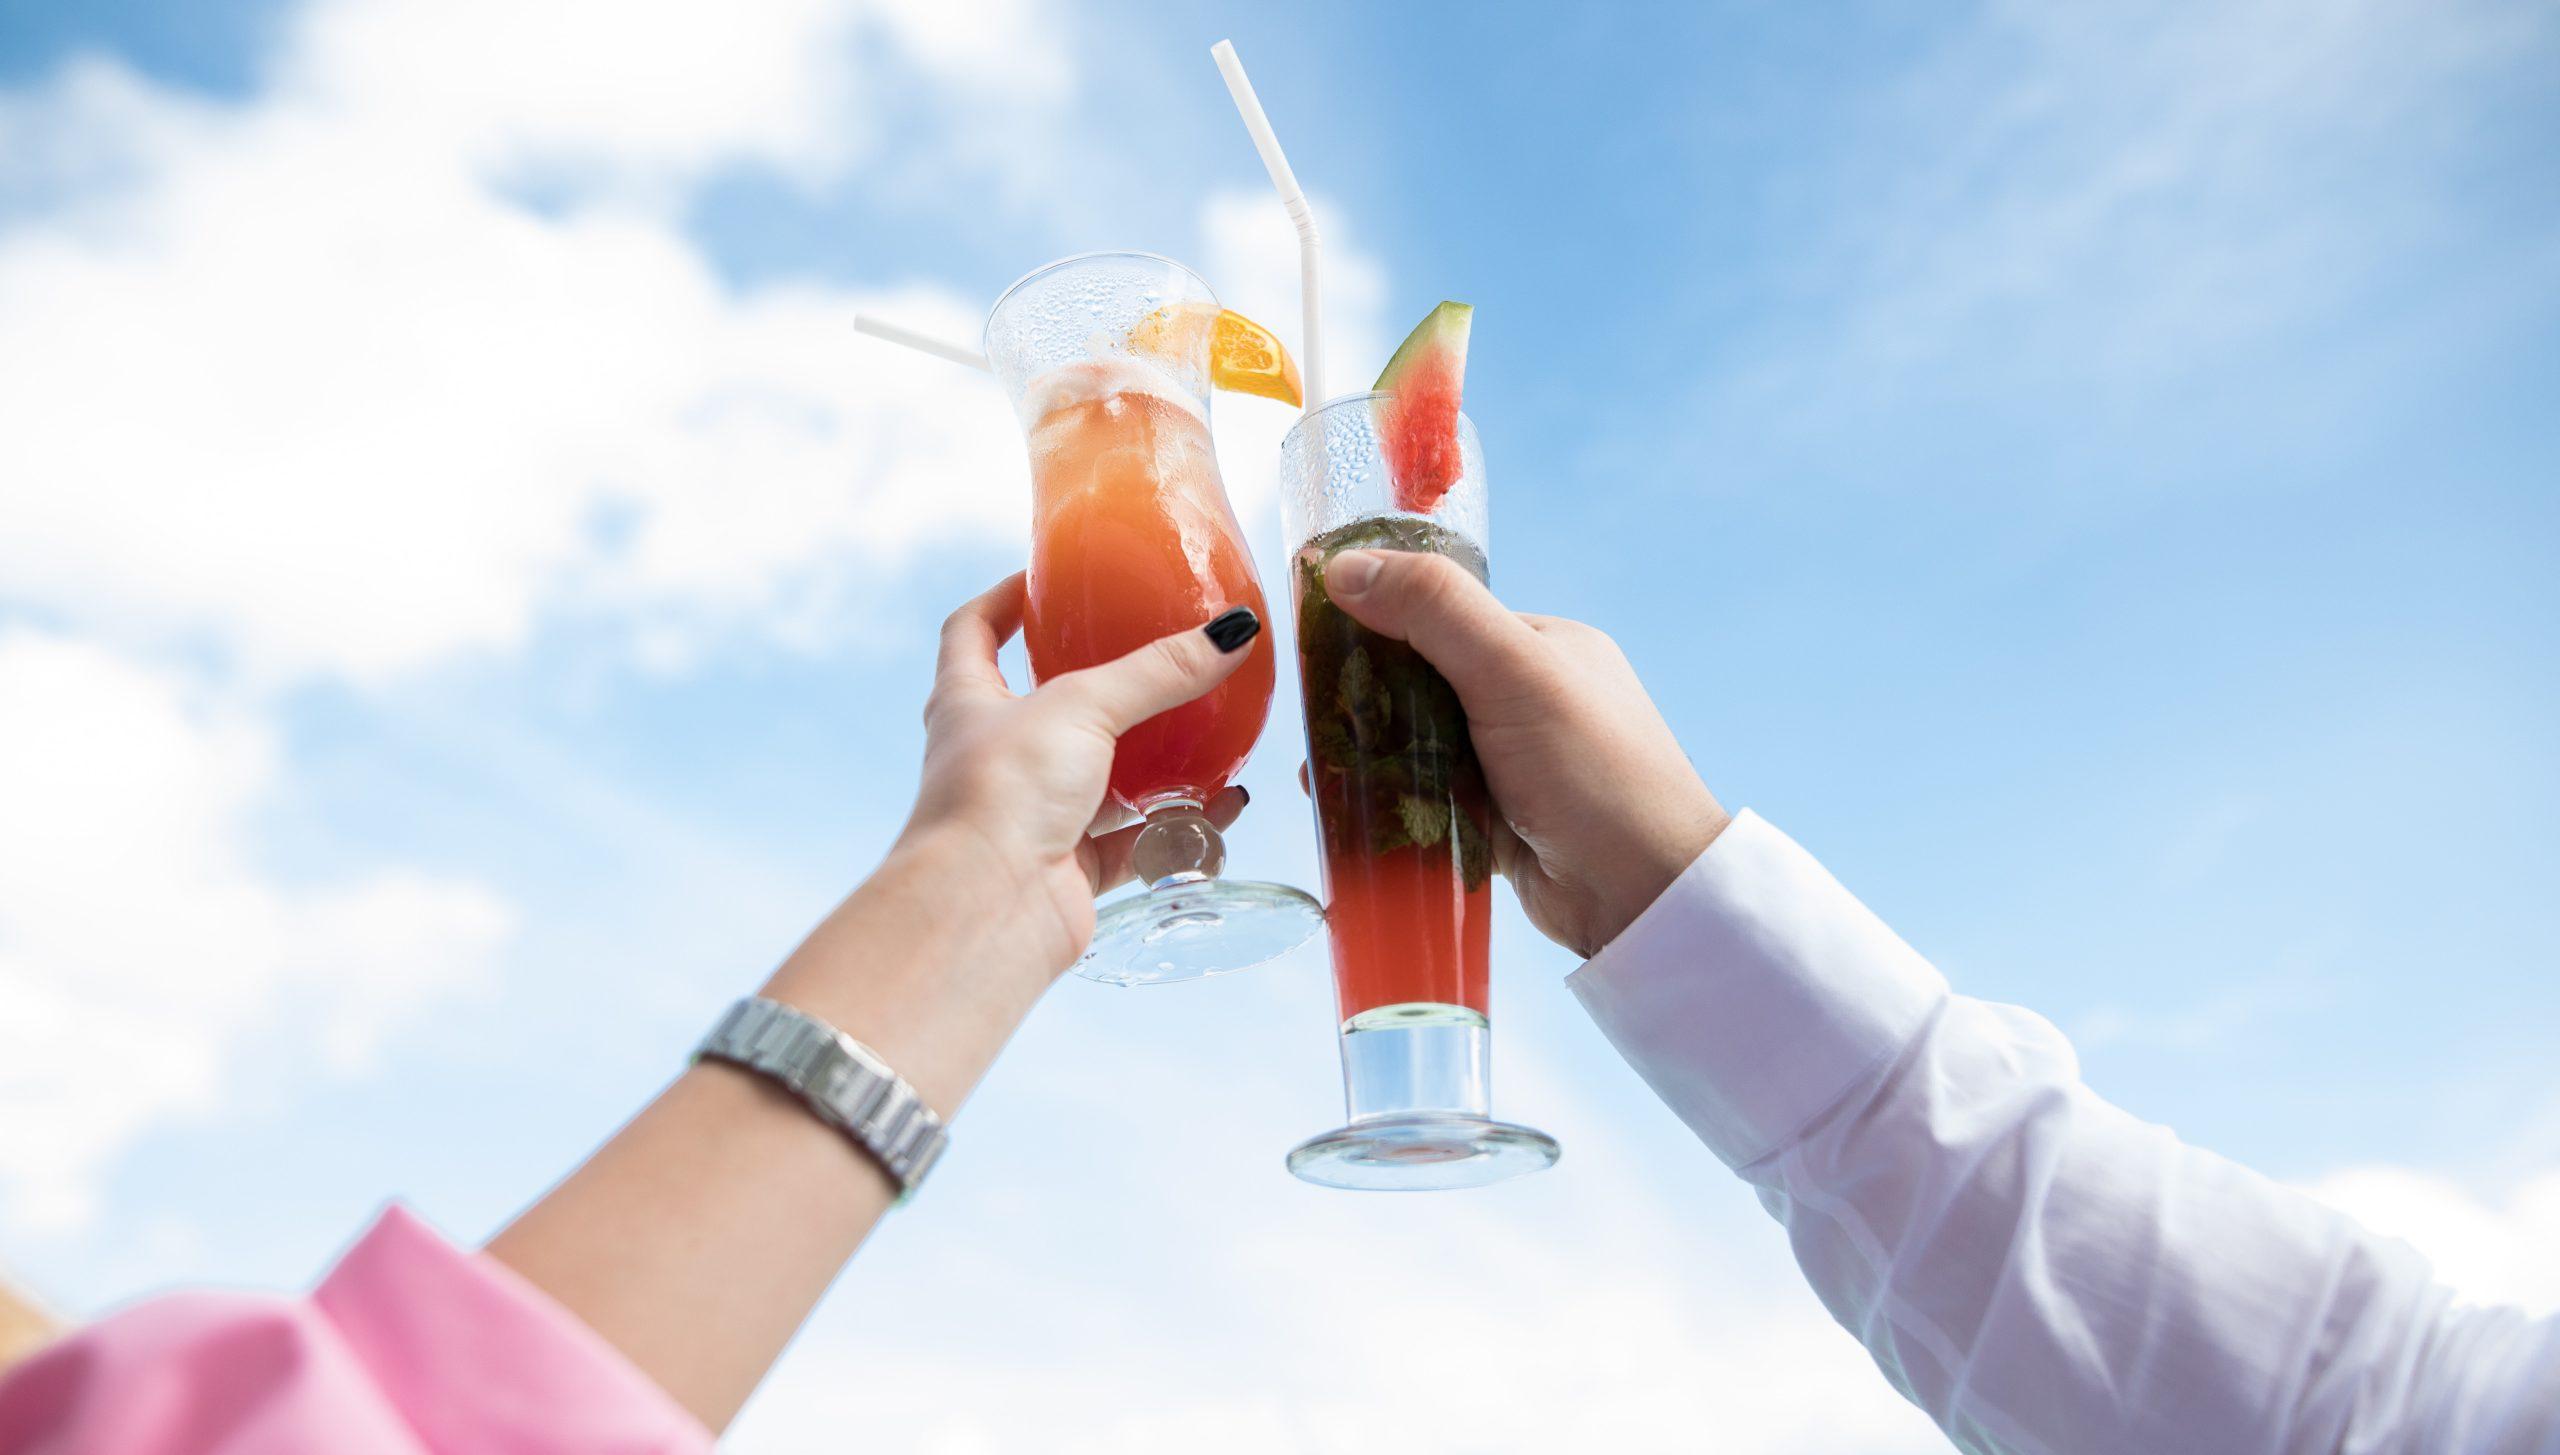 たくのむの評判や口コミ、使い方まとめ!オンライン飲み会のメリットやその他のアプリも